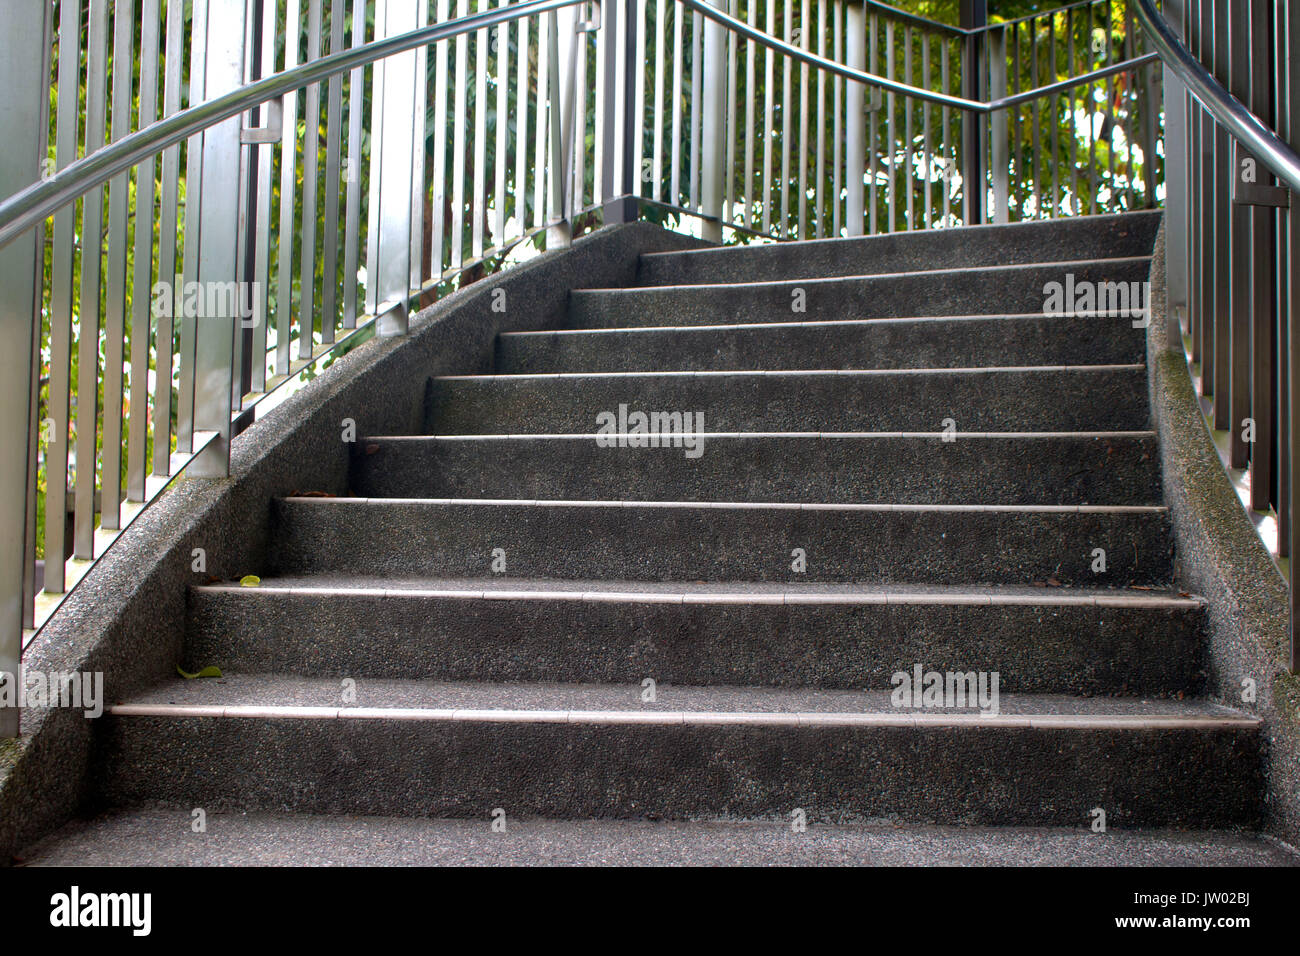 Escalera abierta en la ciudad Foto de stock